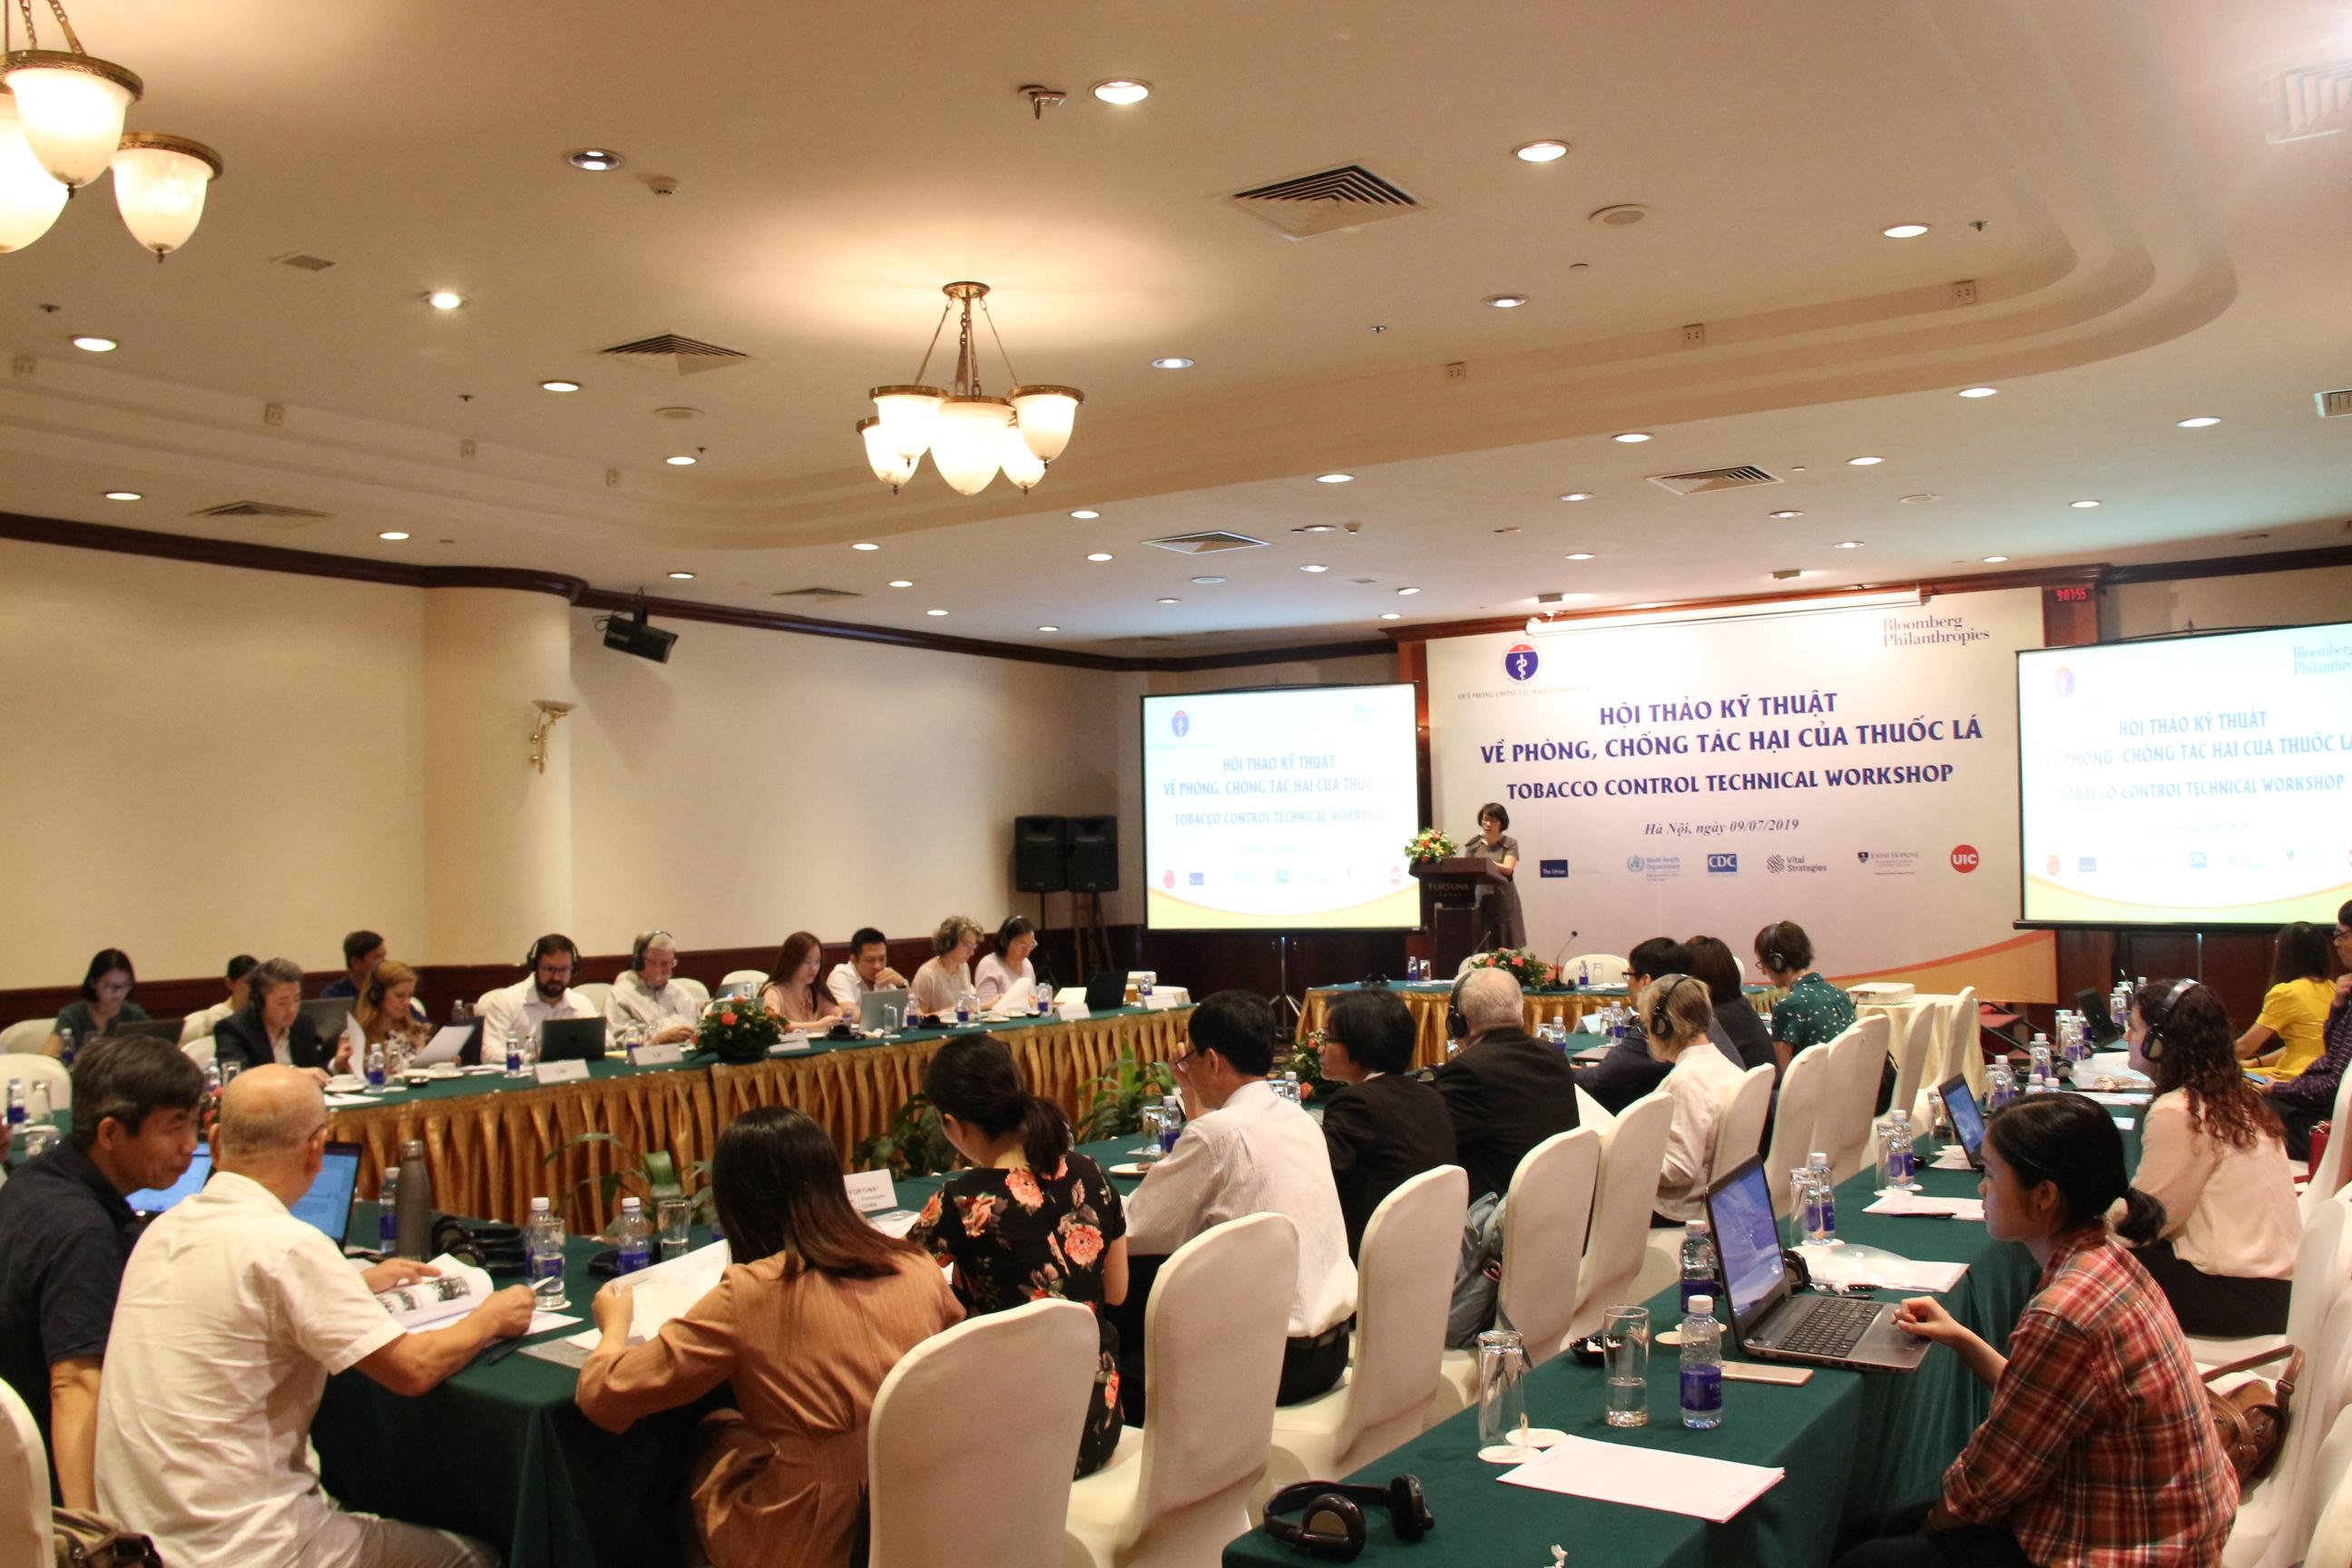 Hội thảo kỹ thuật về phòng, hống tác hại của thuốc lá tại Việt Nam